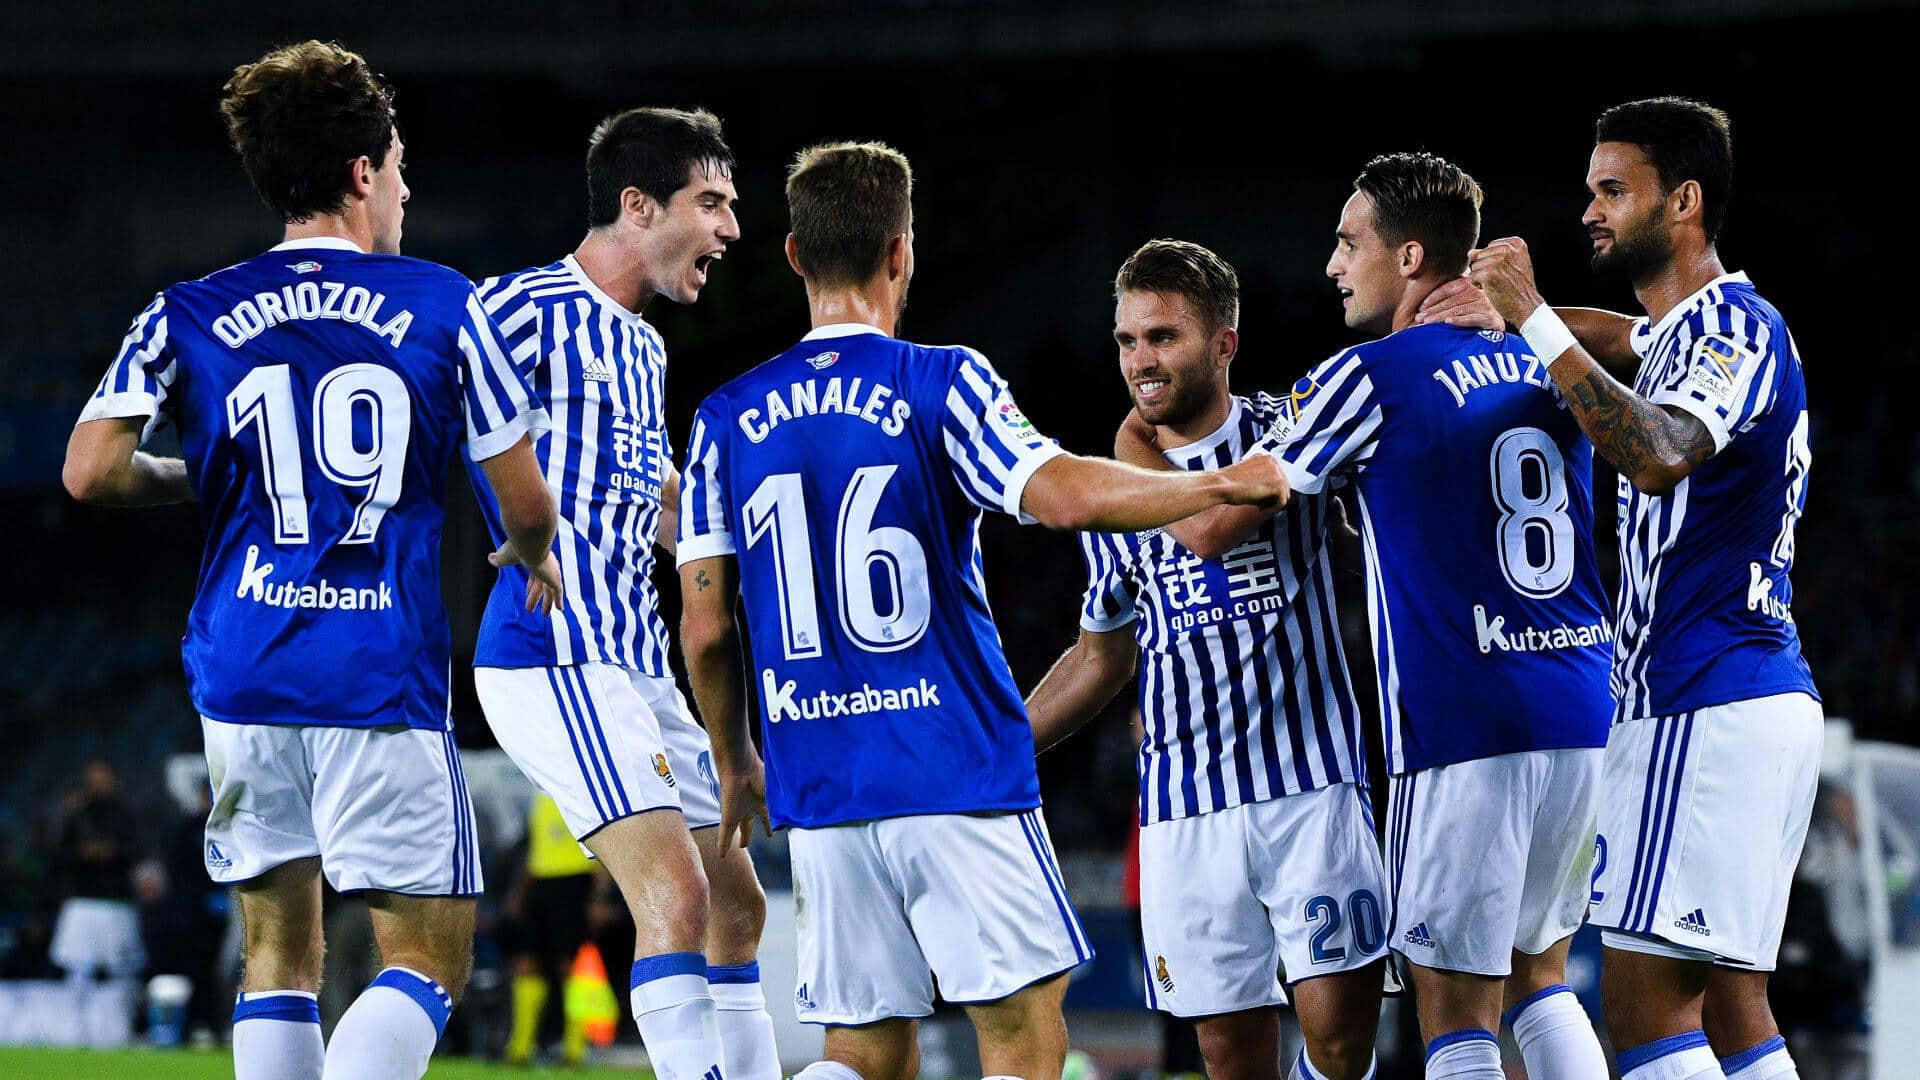 real sociedad fc soccer team 2019